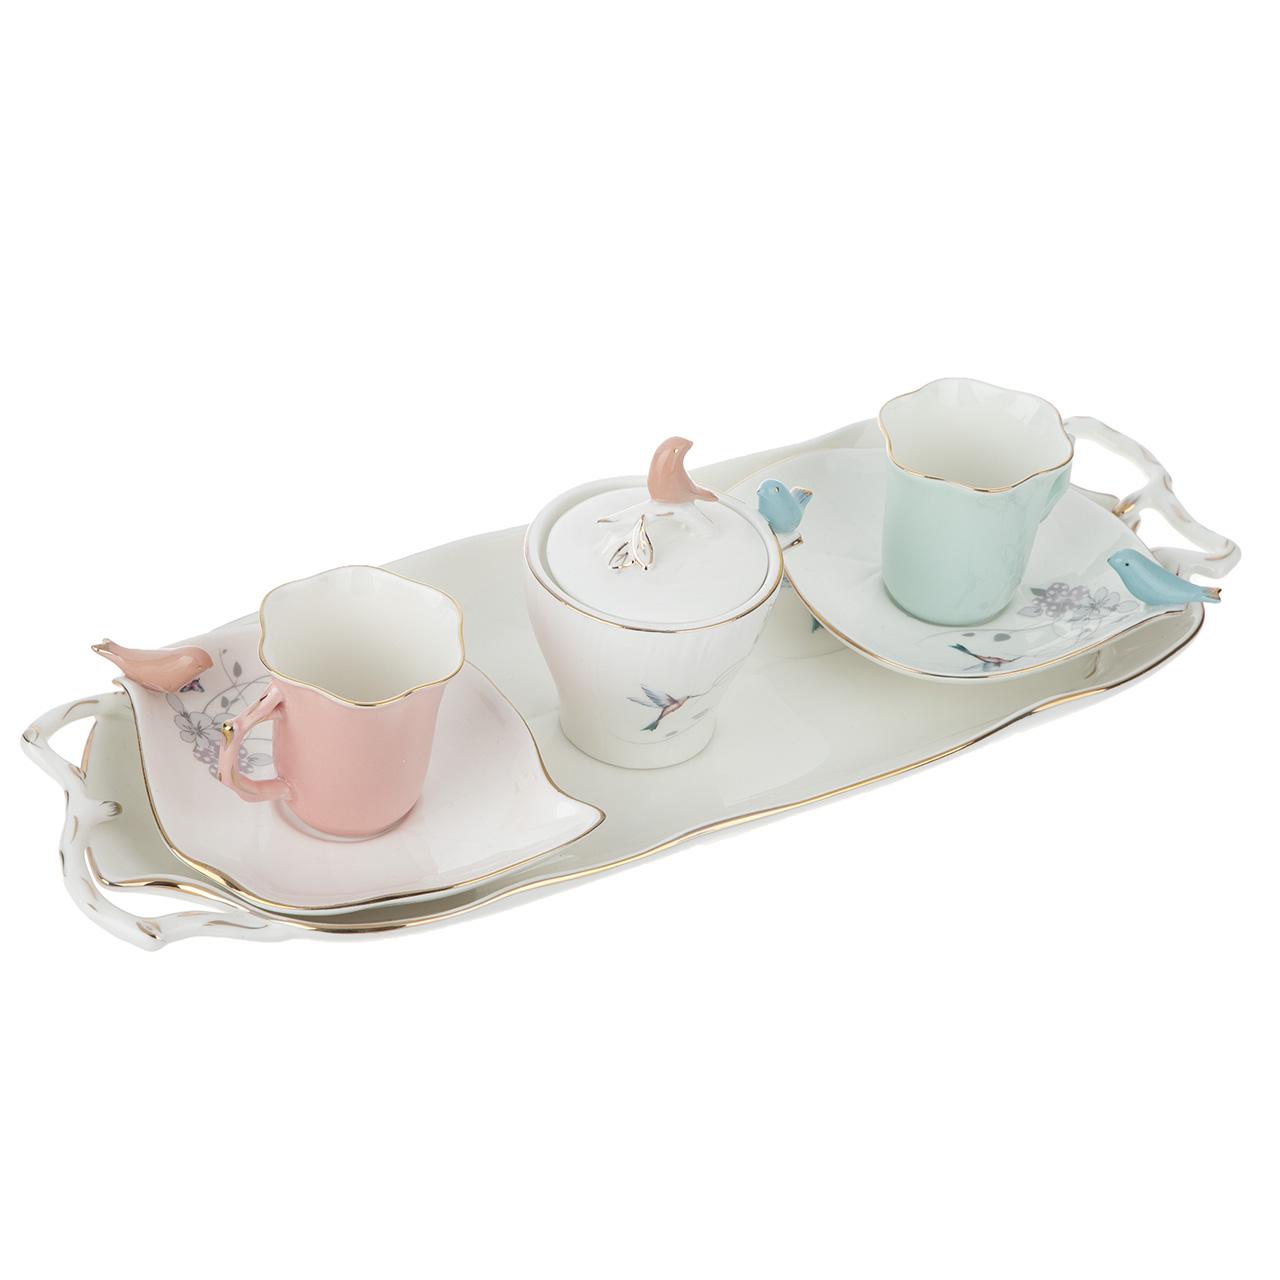 عکس سرویس چای خوری 6 پارچه بی.وی.کی مدل VK611305